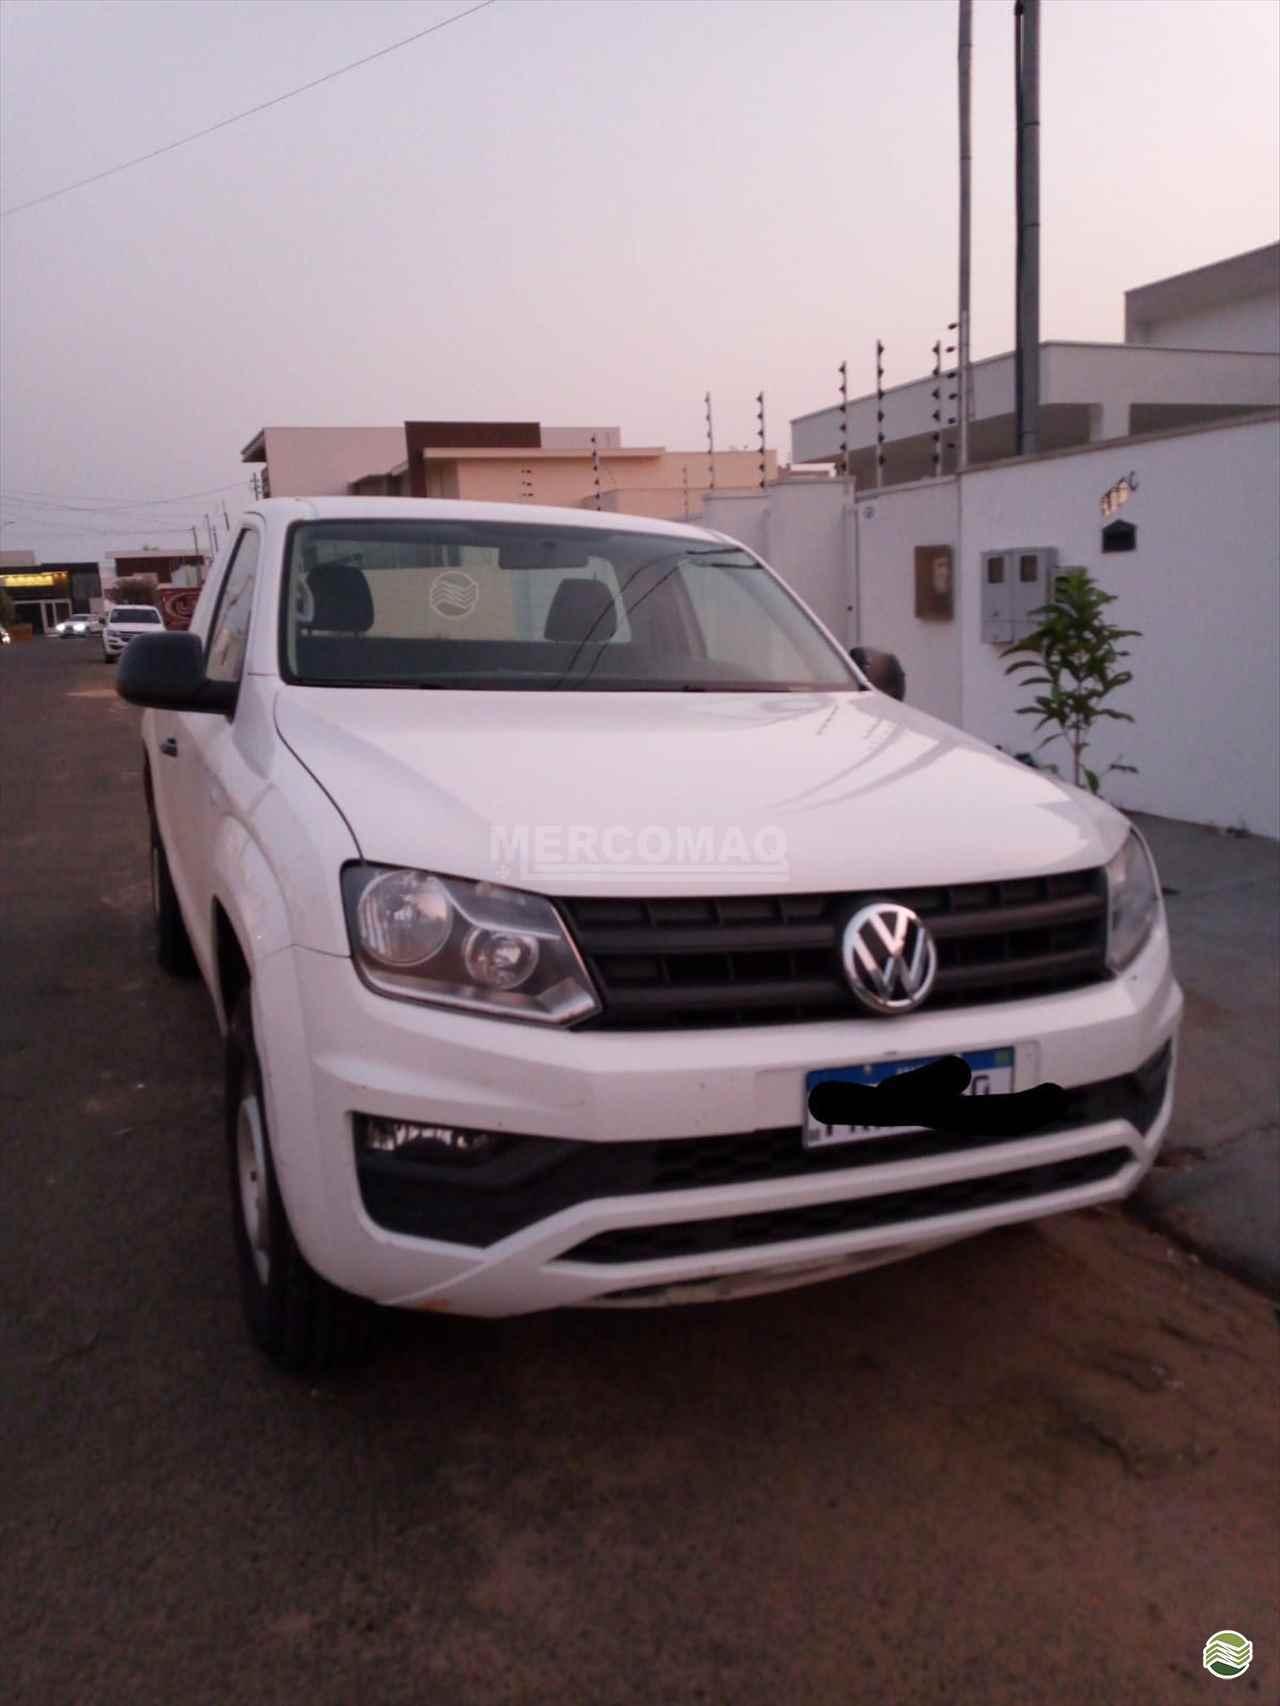 CARRO VW - Volkswagen Amarok CS Mercomaq - JAN - GTS PRIMAVERA DO LESTE MATO GROSSO MT